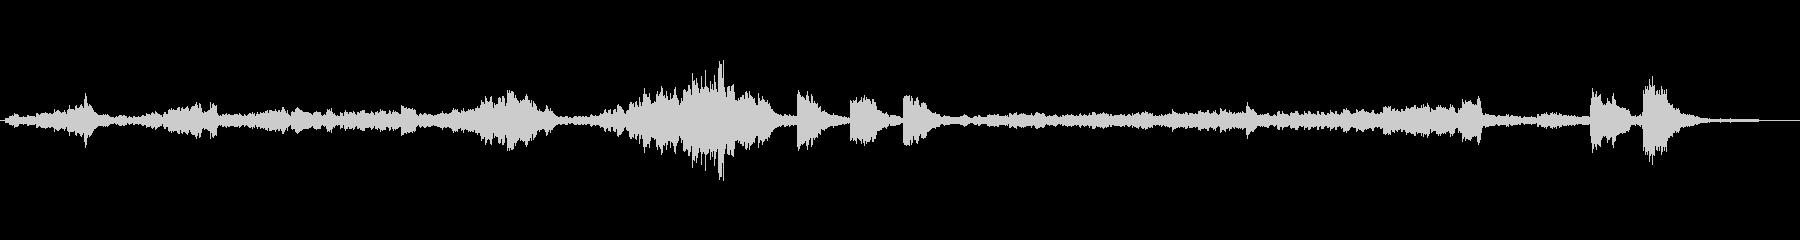 ショパンの練習曲12-9深刻そうな曲の未再生の波形